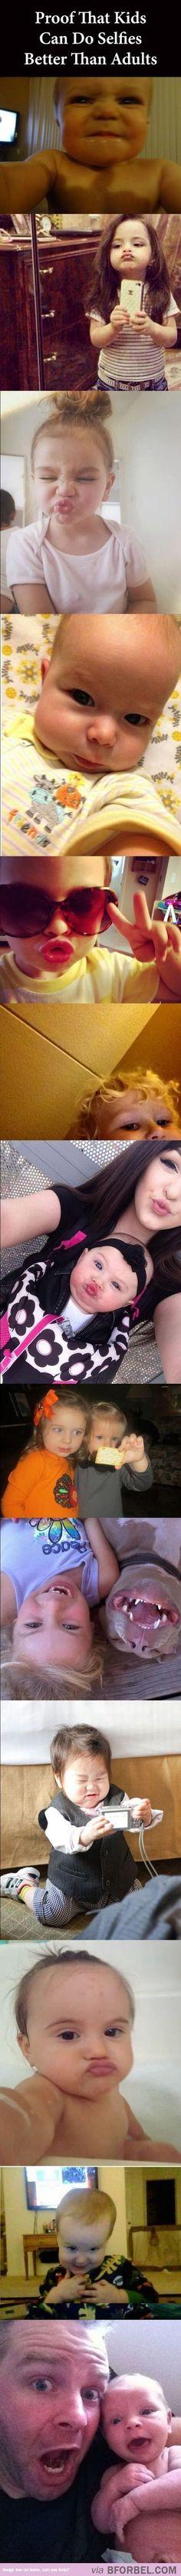 Baby selfies